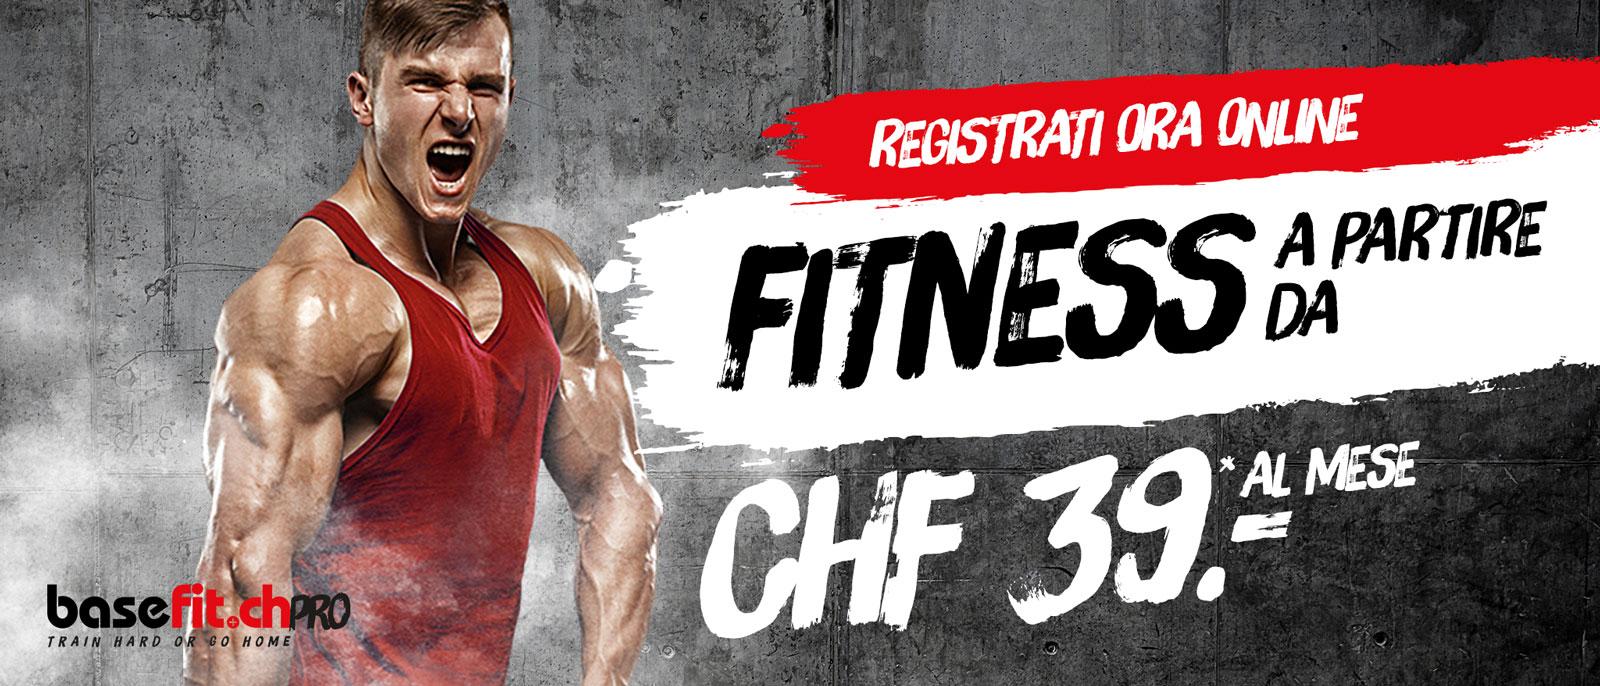 Abbonamento mensile fitness da CHF 39,00 a Oerlikon